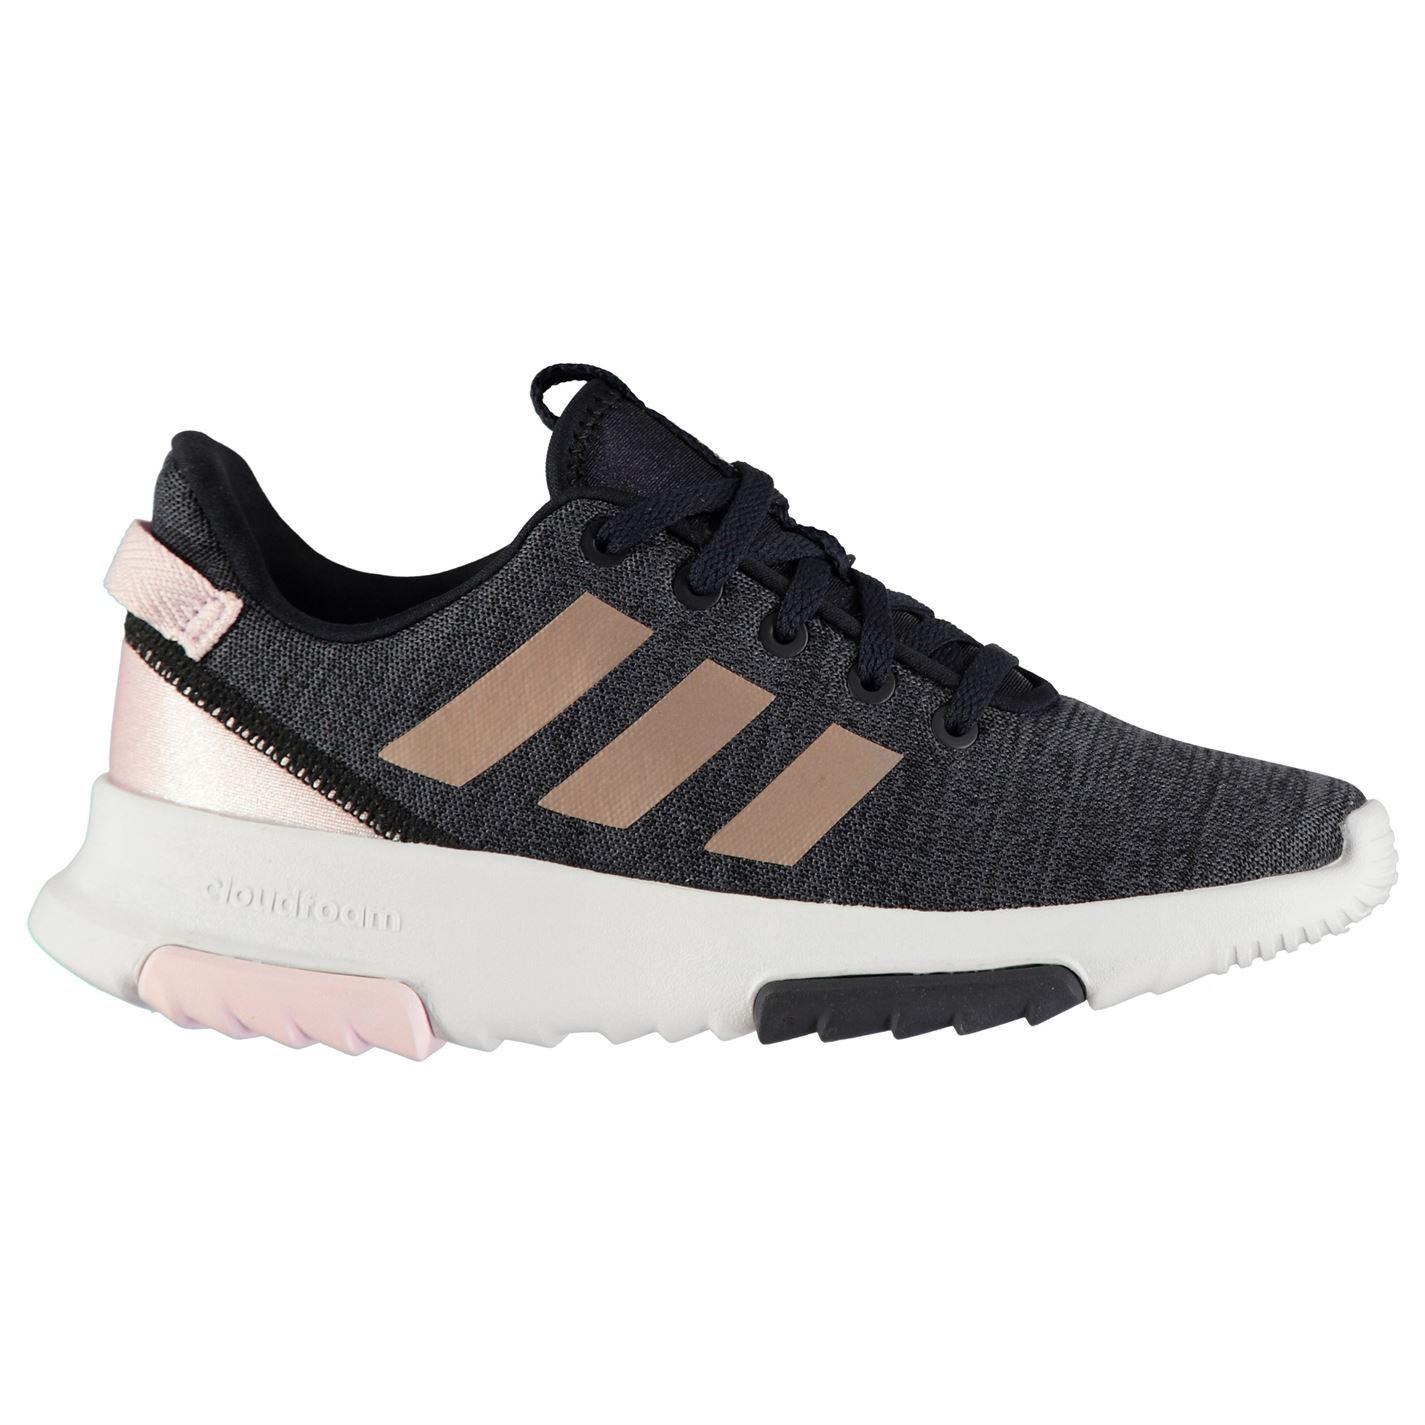 Adidas Débardeur Baskets Bébé Chaussures Fille Chaussures | eBay